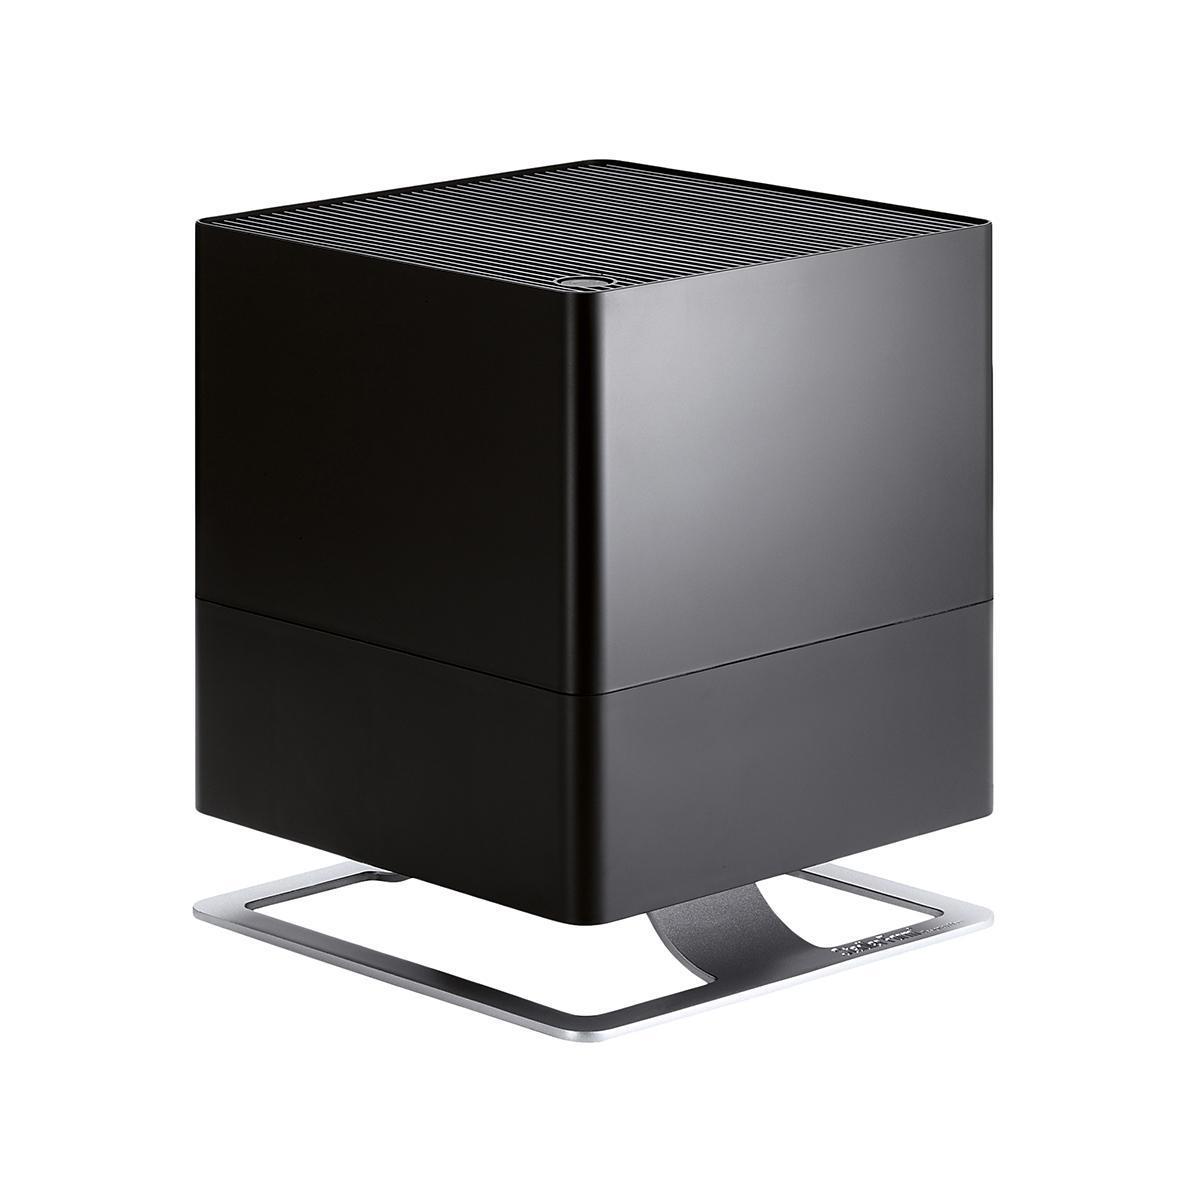 Stadler Form Oskar O-021, Black увлажнитель воздухаOskar O-021 Black